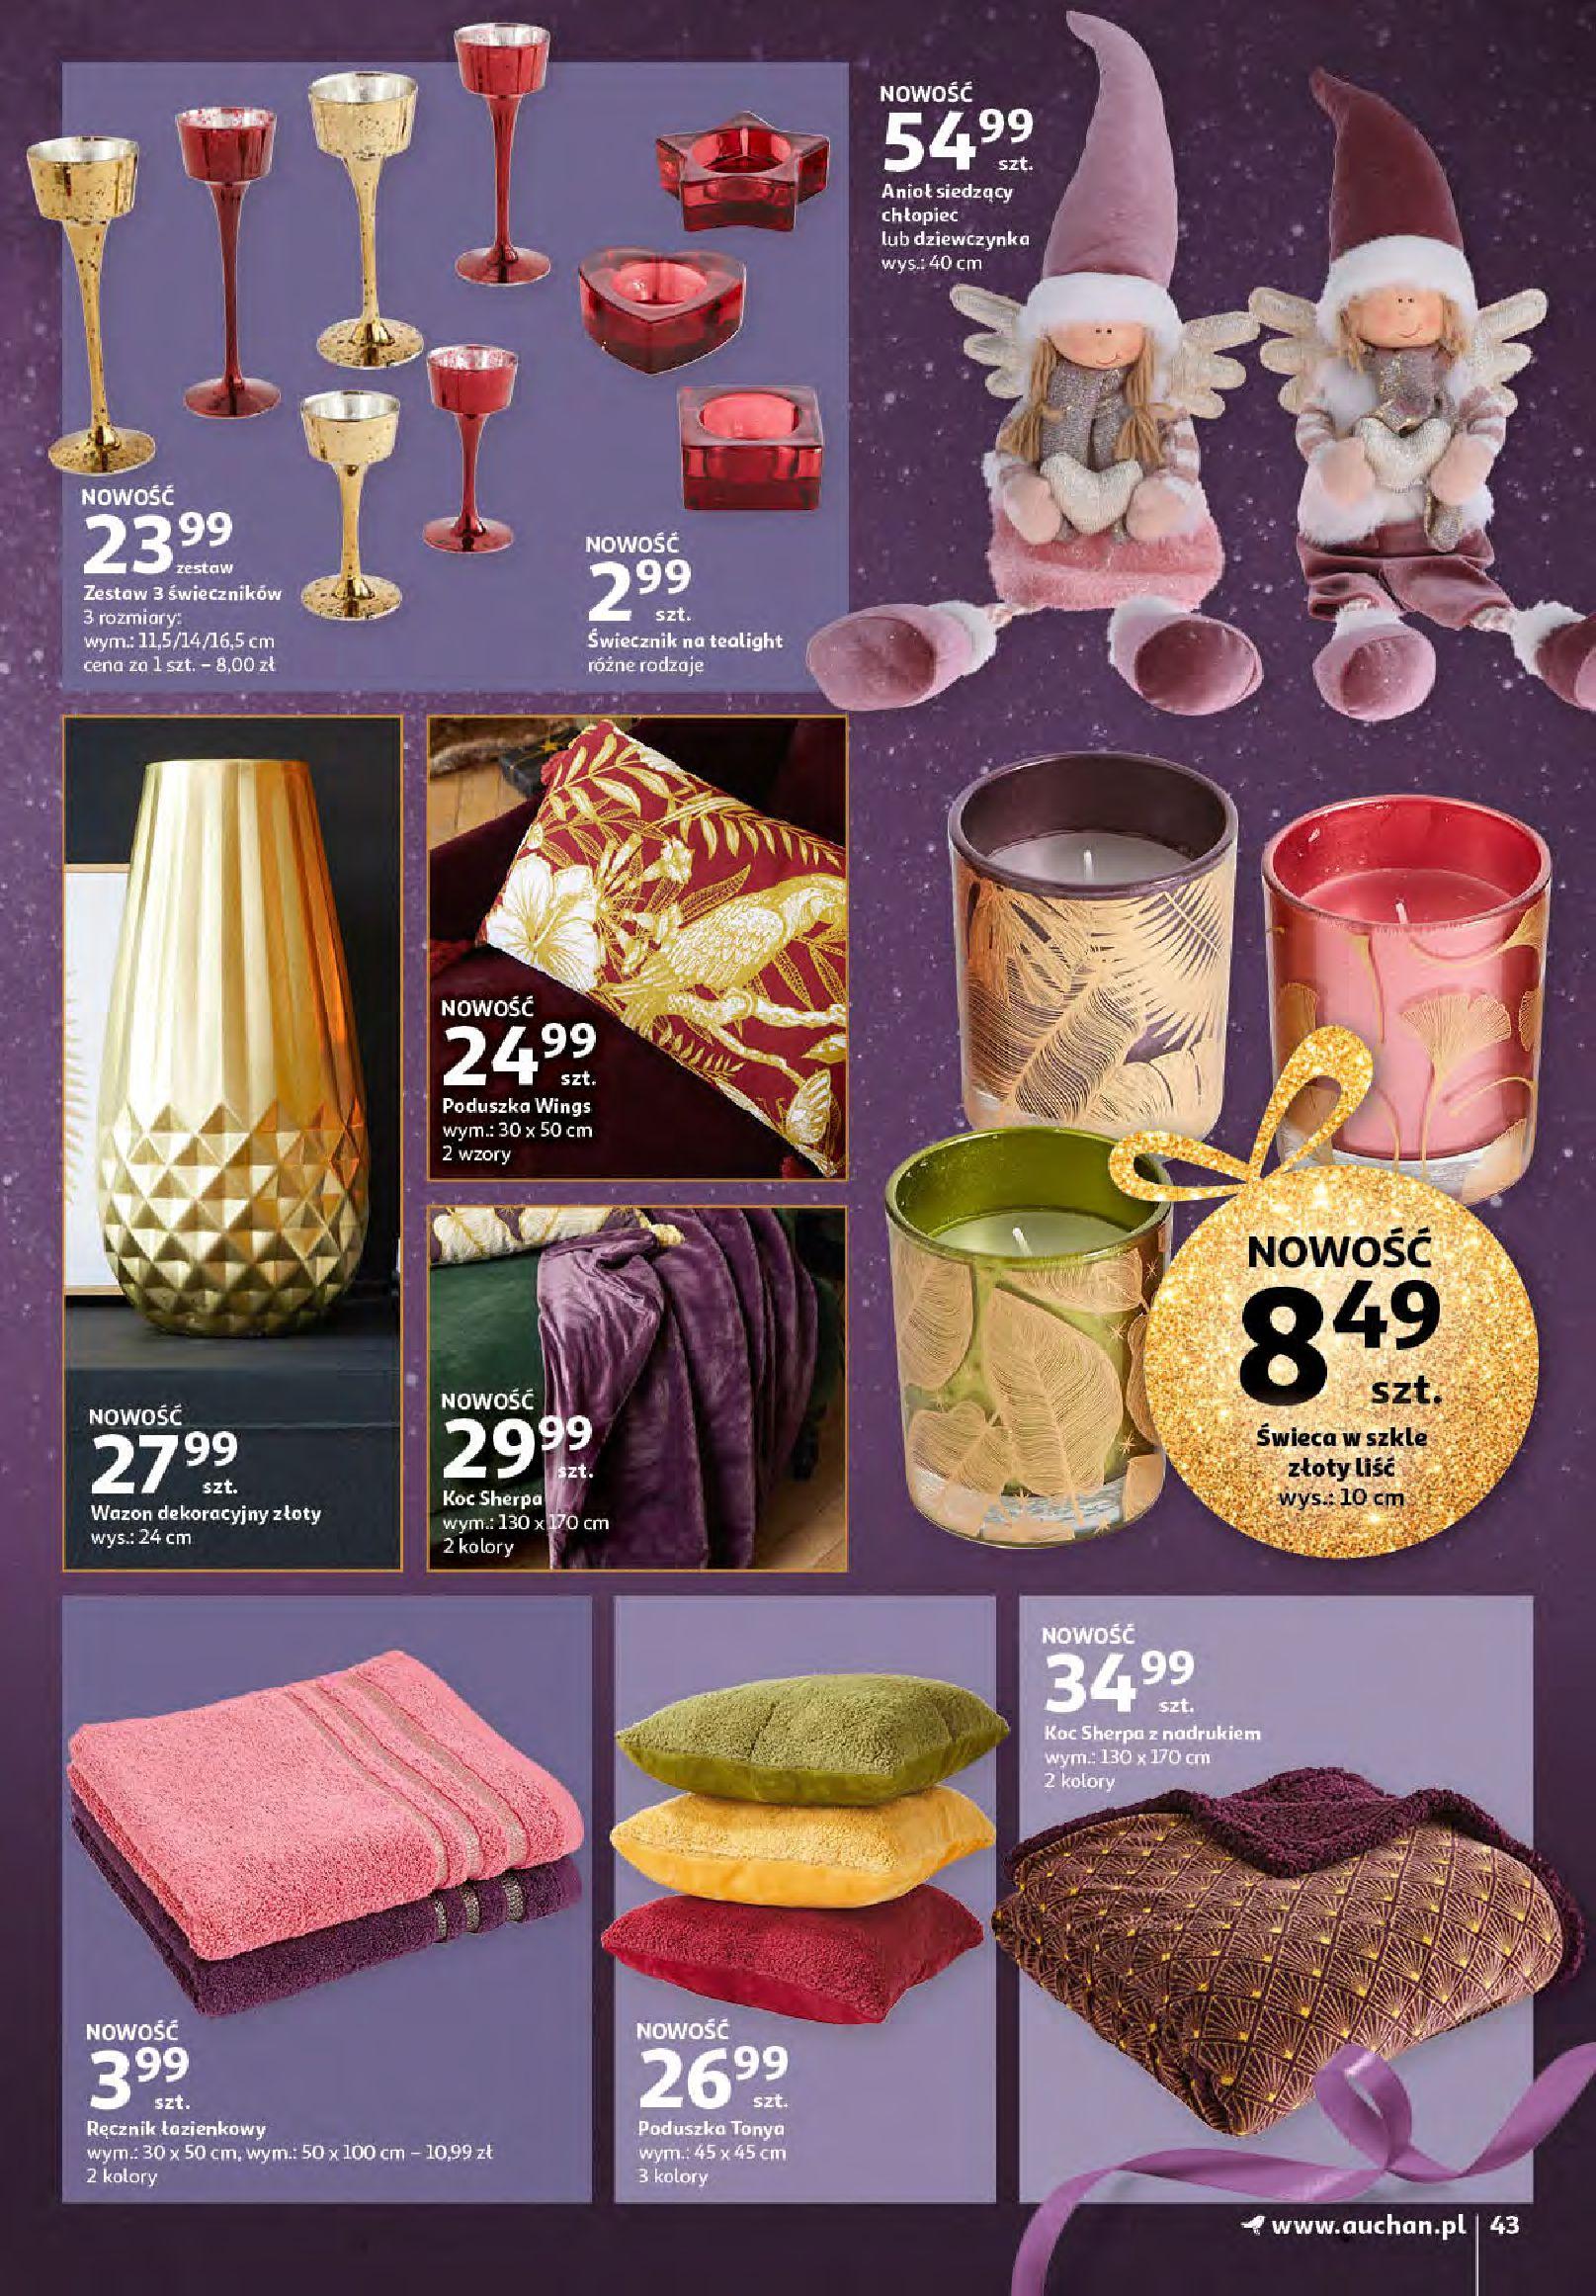 Gazetka Auchan - Magia zabawek i świątecznych ozdób-11.11.2020-25.11.2020-page-43